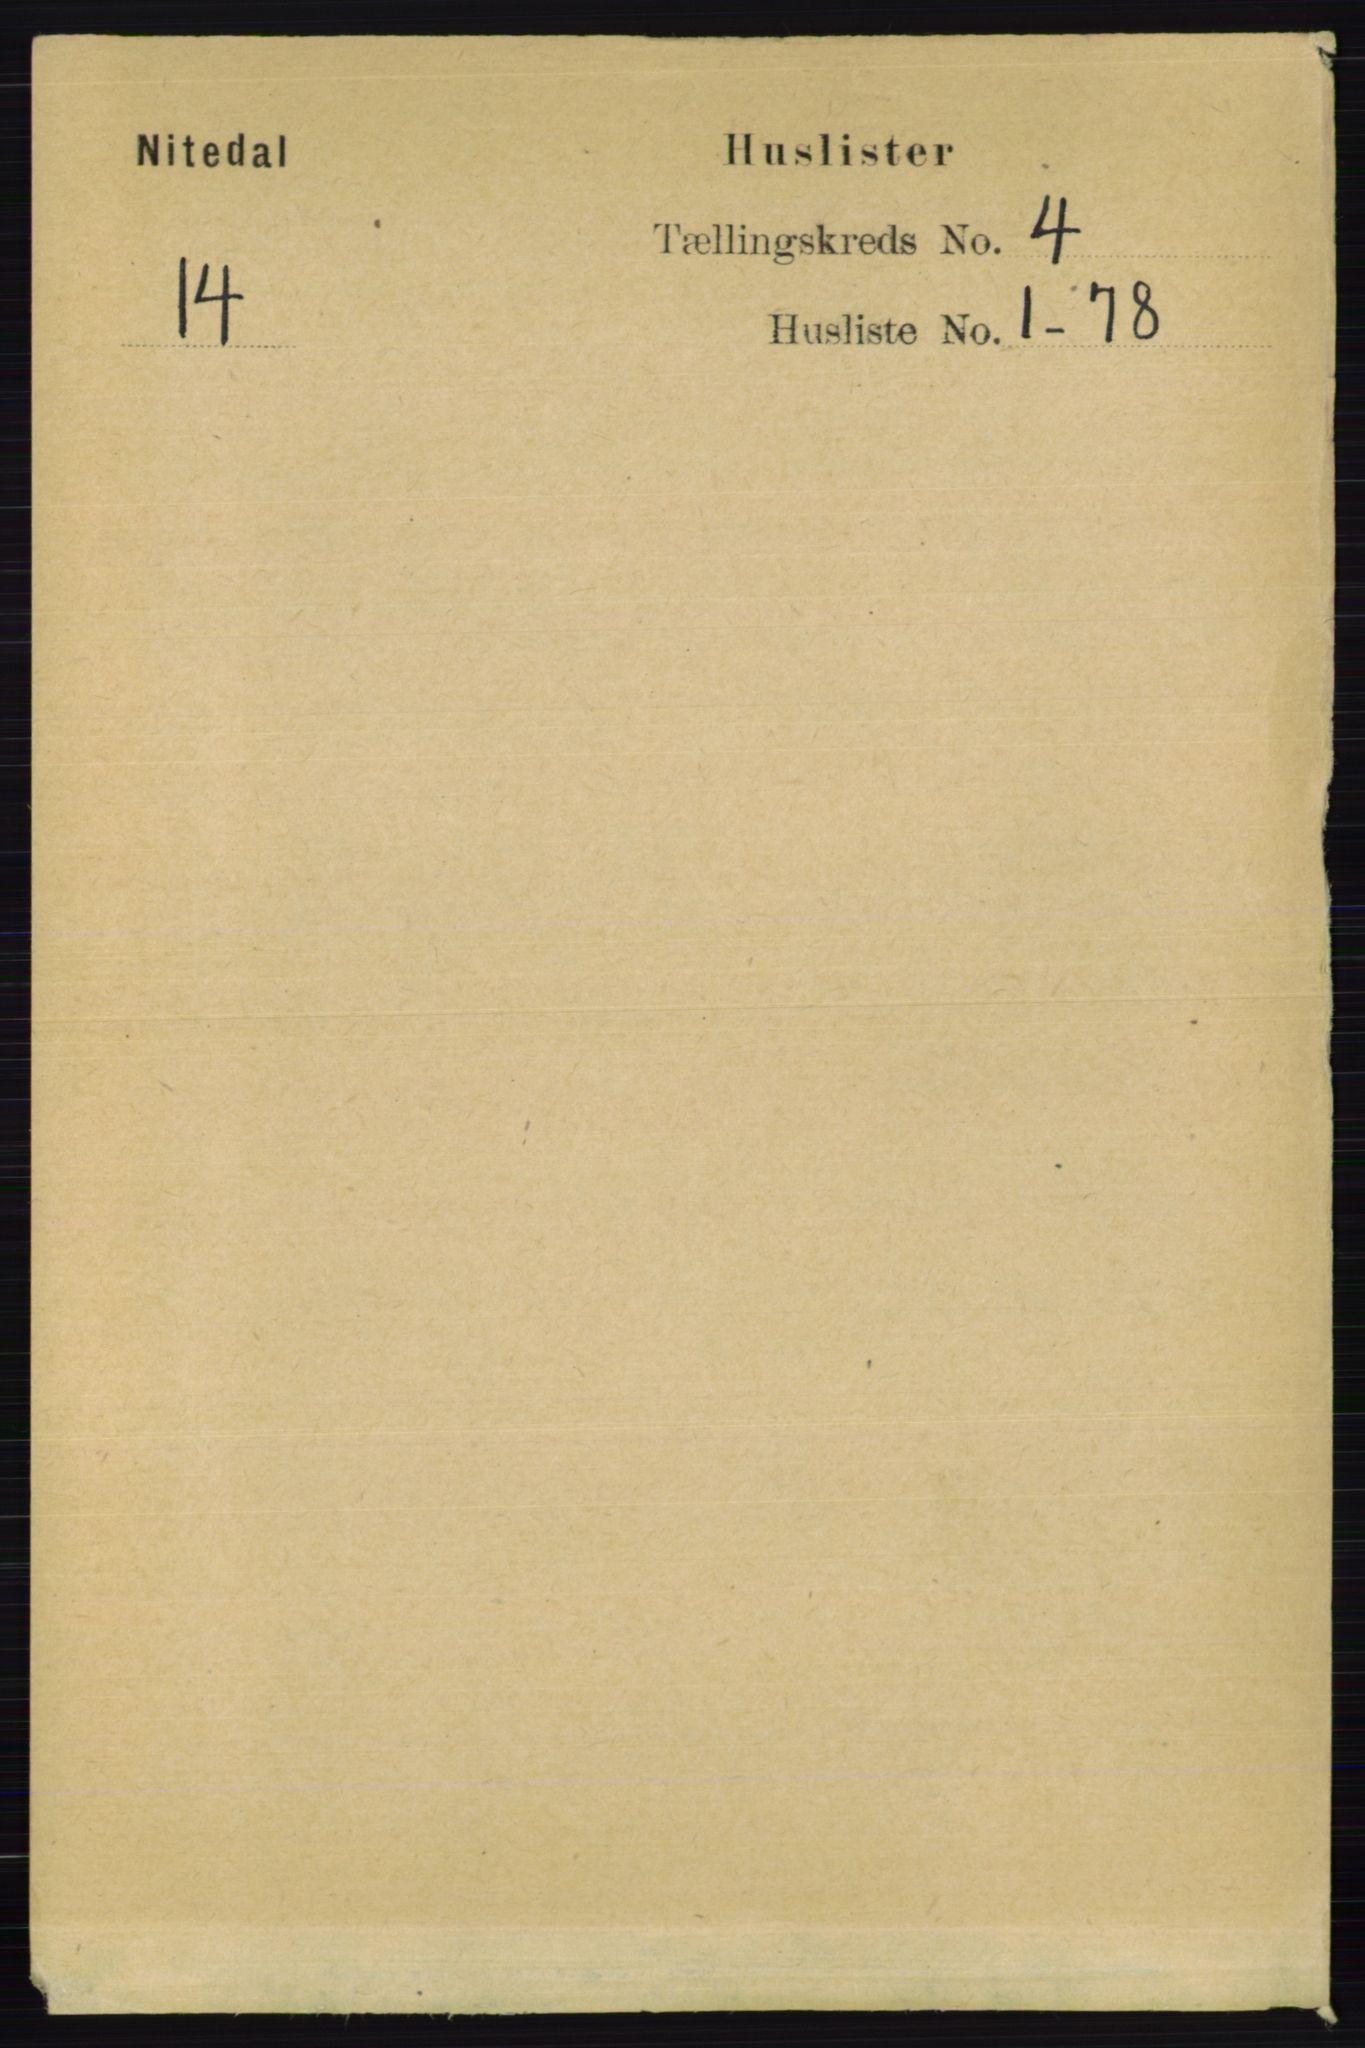 RA, Folketelling 1891 for 0233 Nittedal herred, 1891, s. 1620